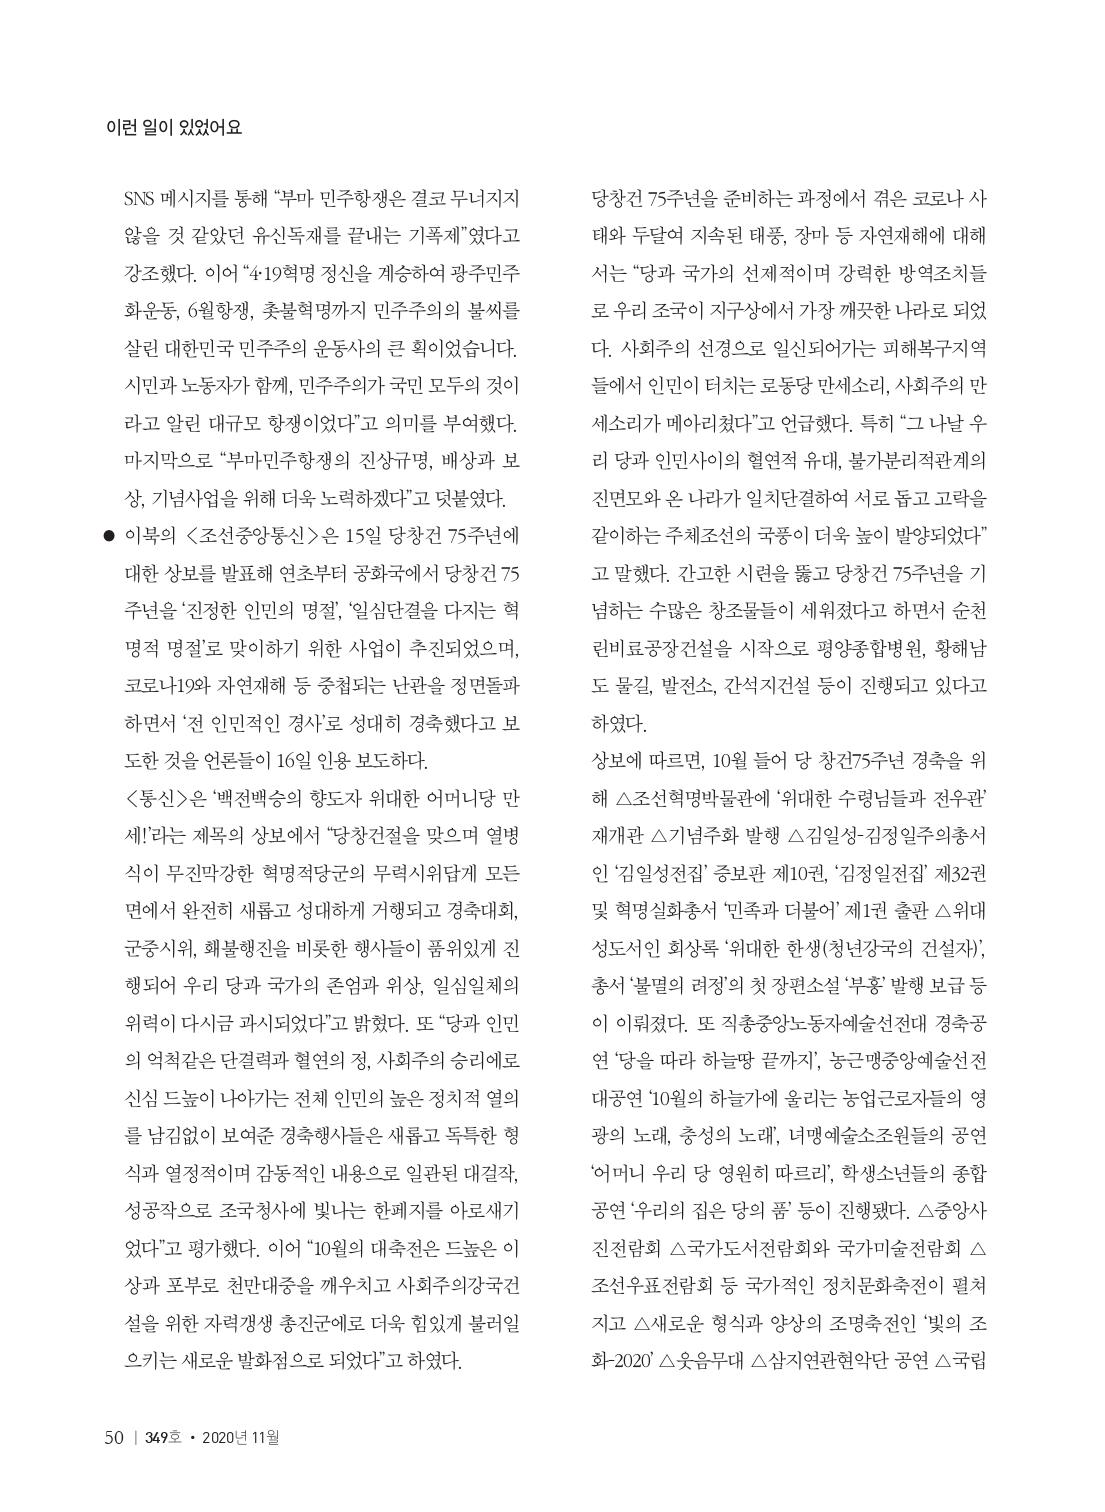 [양심수후원회] 소식지 349호 웹용_page-0052.jpg